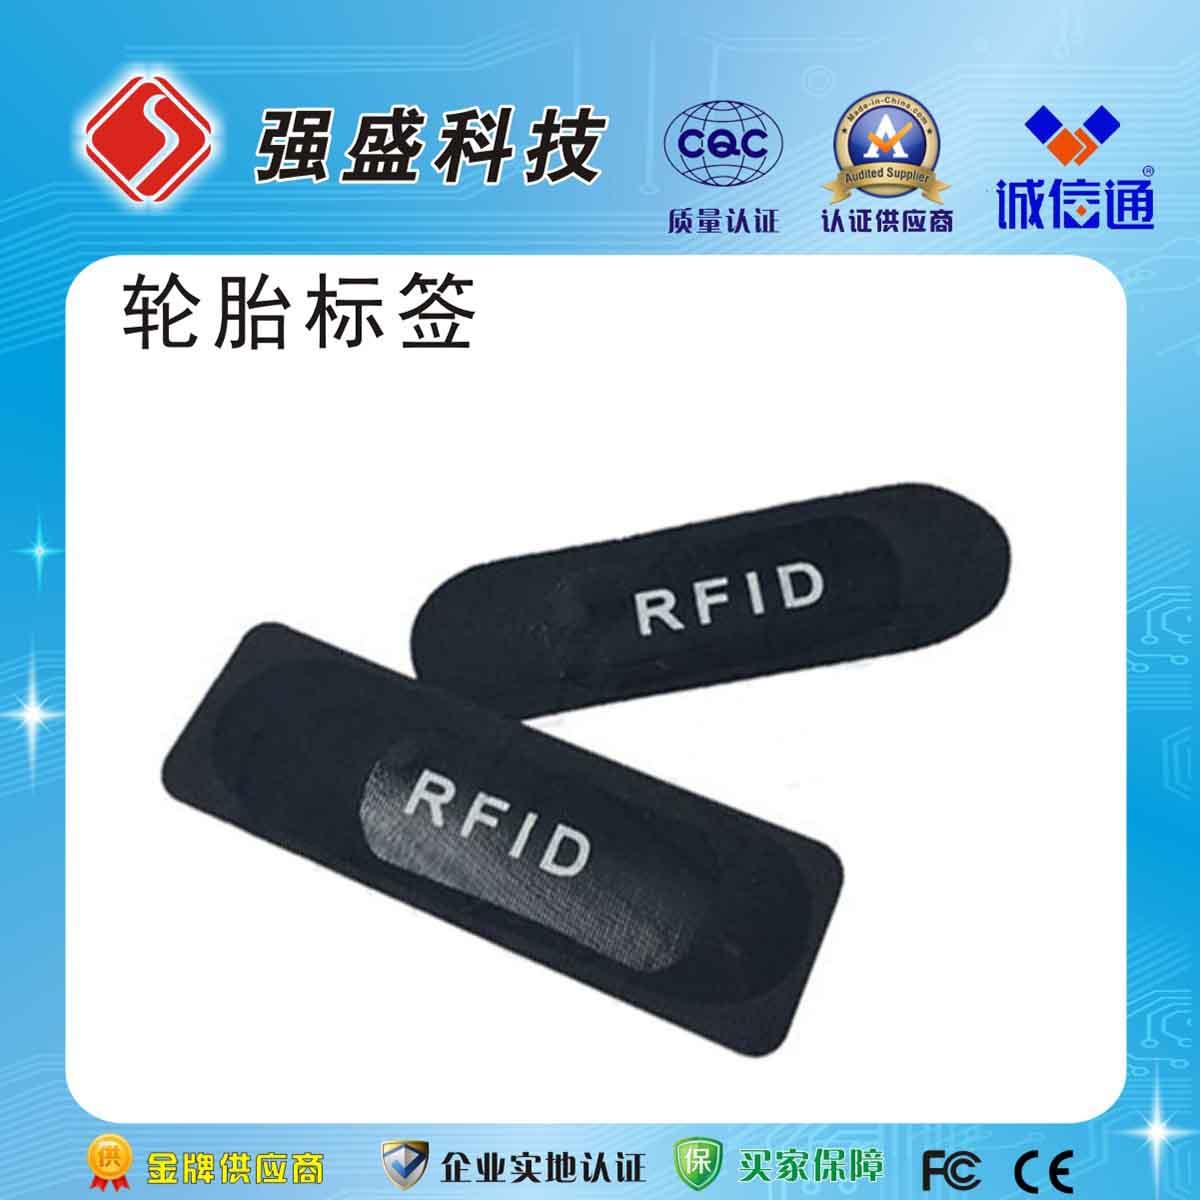 供應RFID超高頻輪胎標簽定制廠家RFID輪胎標簽批發